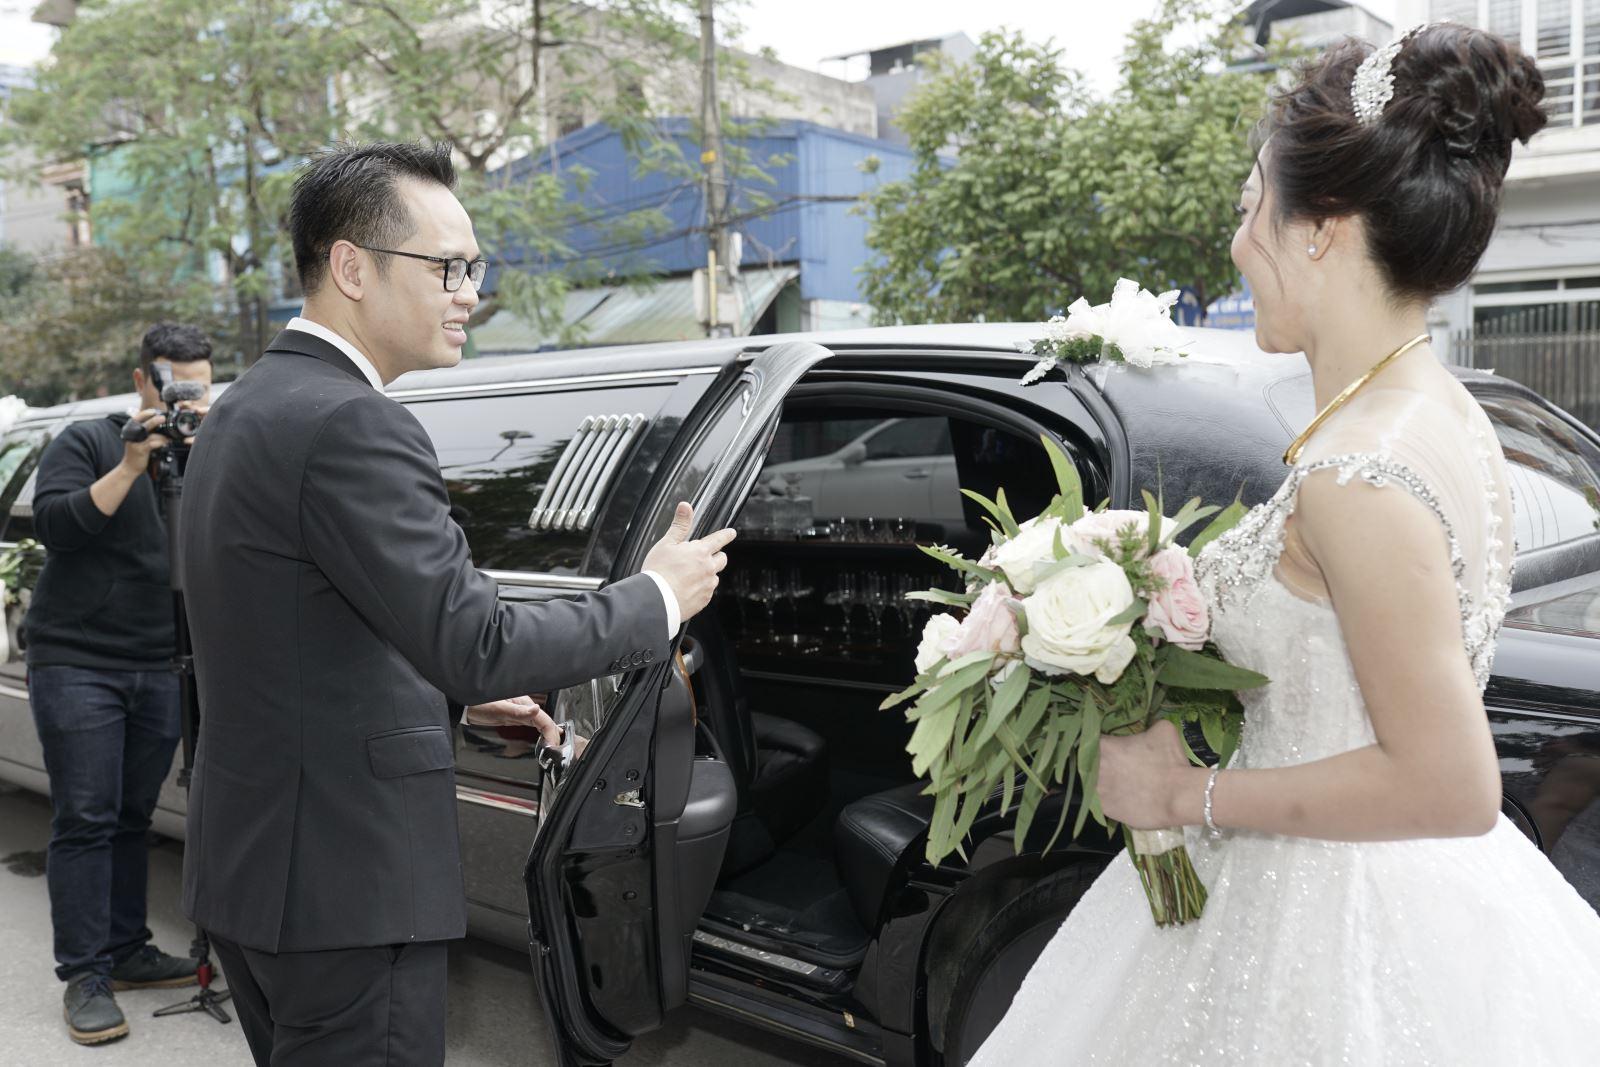 Chú rể đưa cô dâu bằng xe Limousine